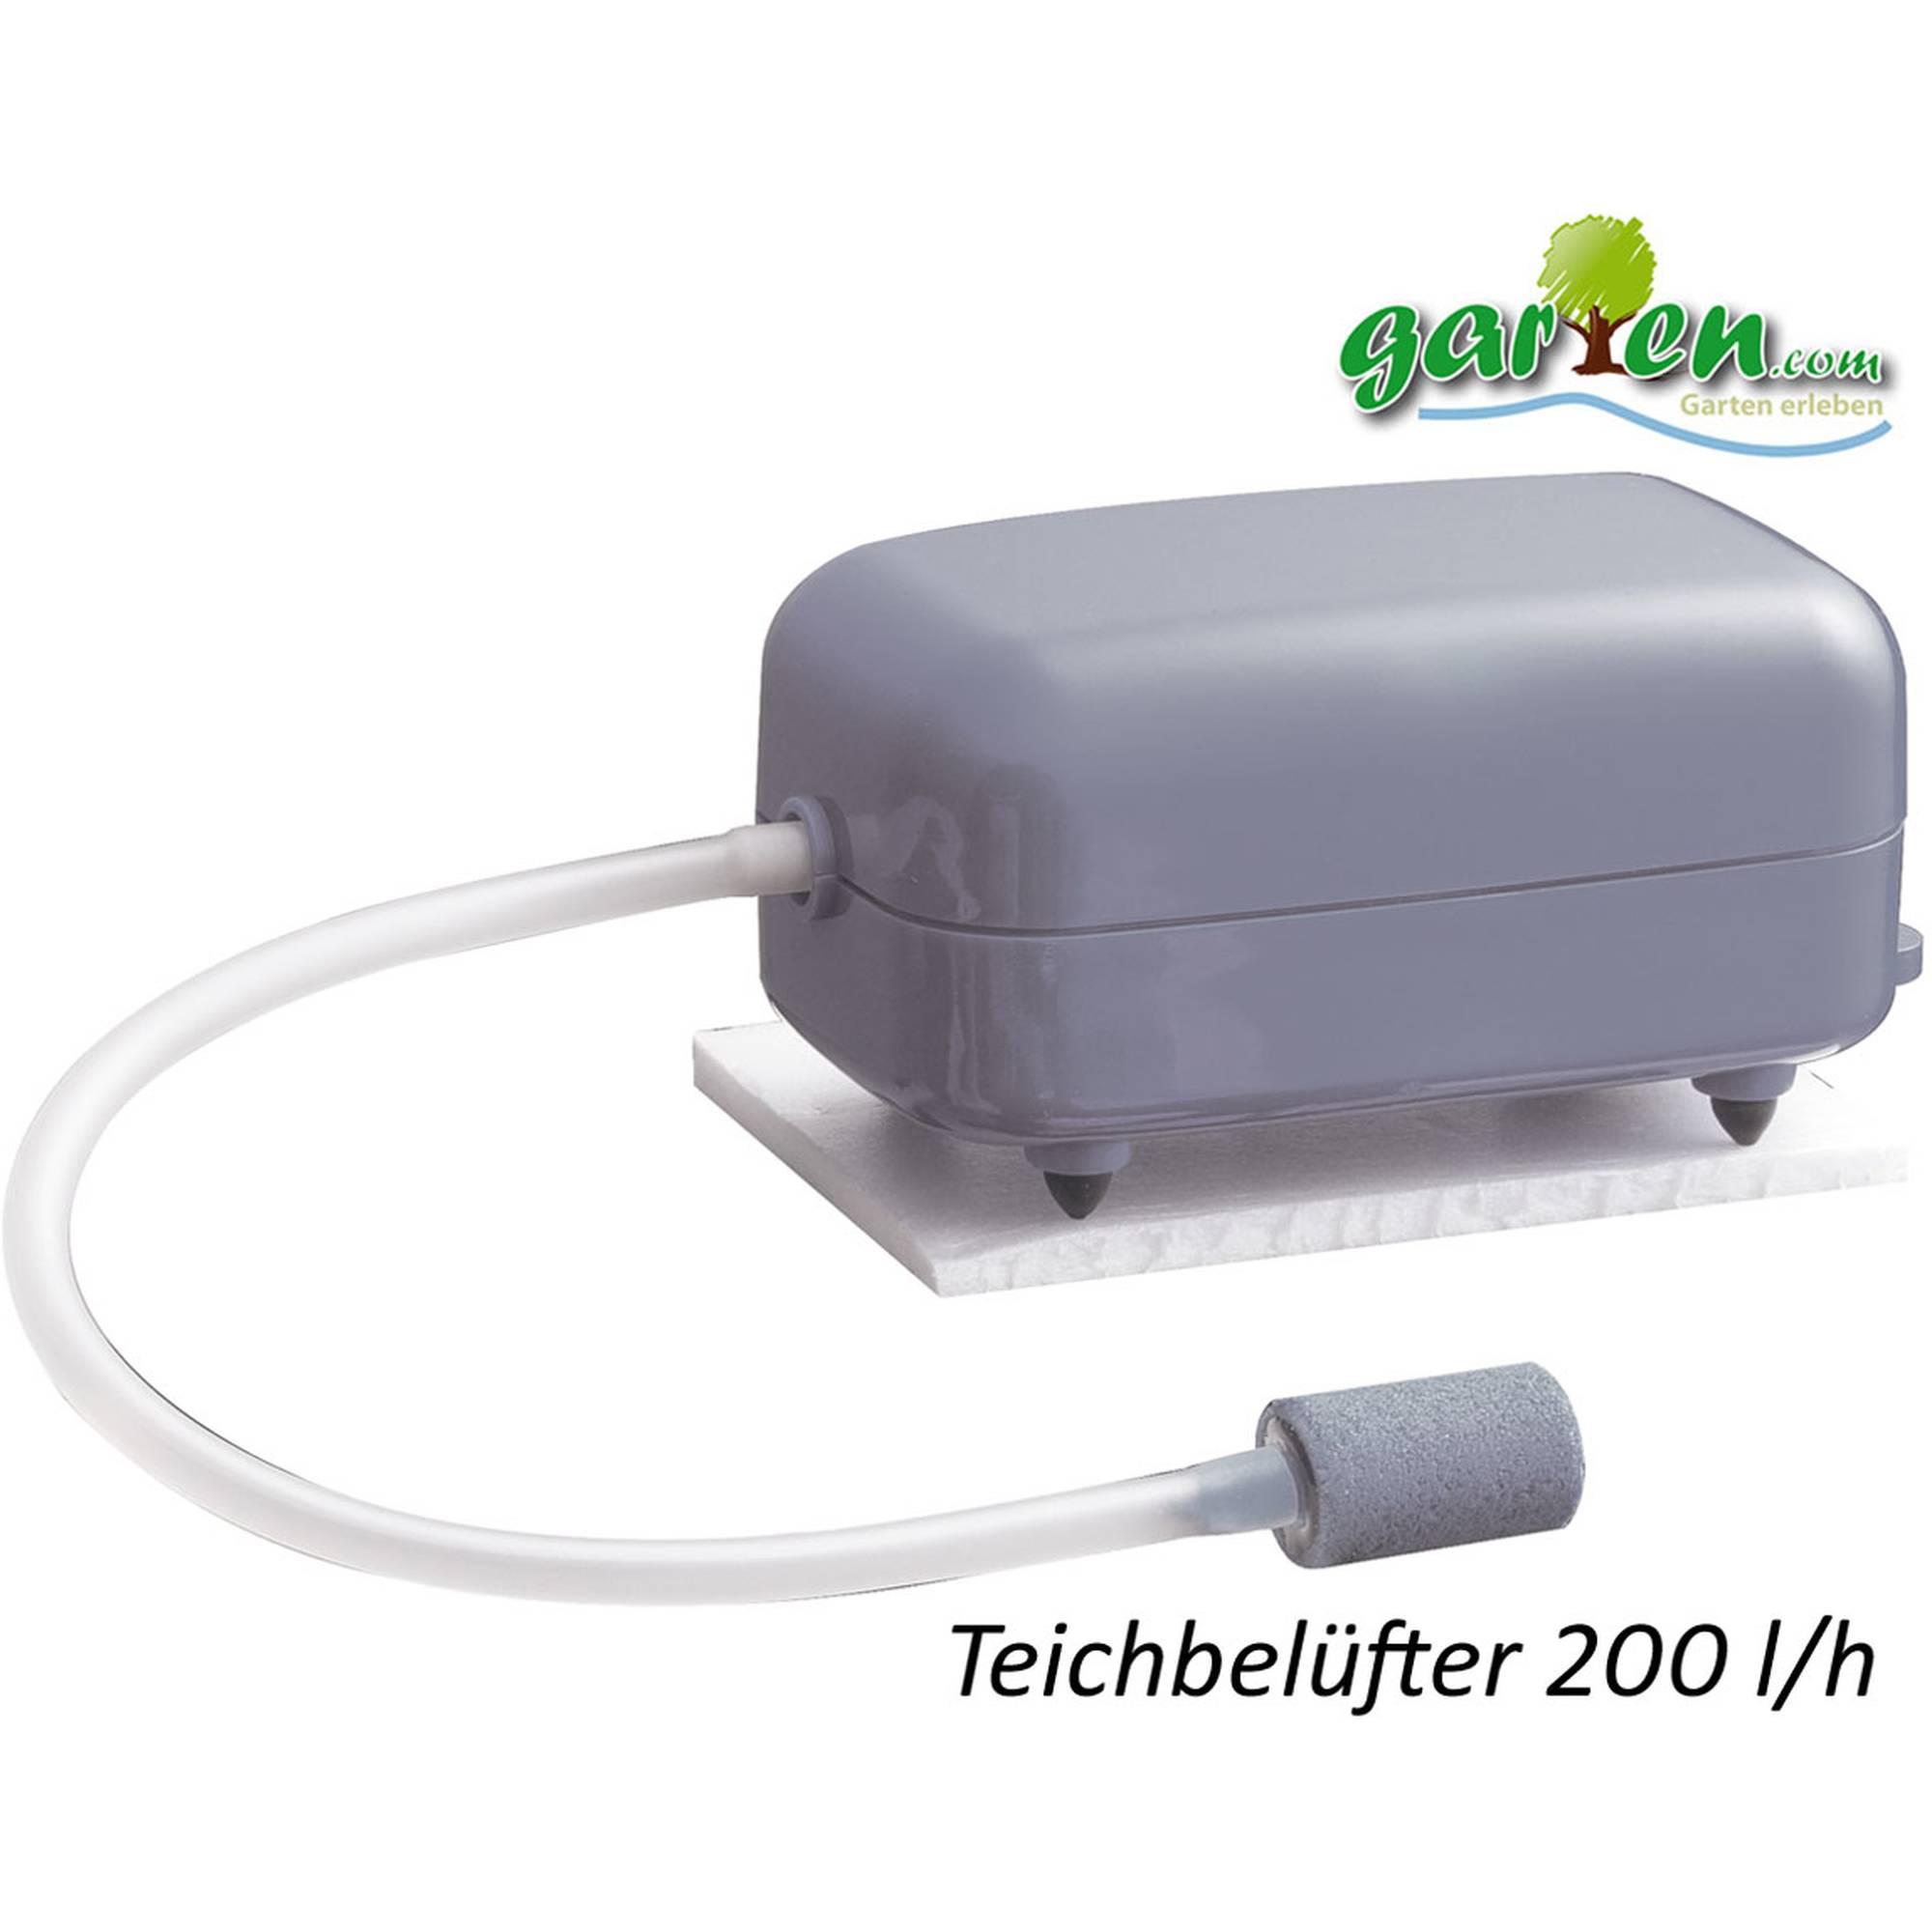 Teichbelüfter Belüfter-Pumpe von Heissner